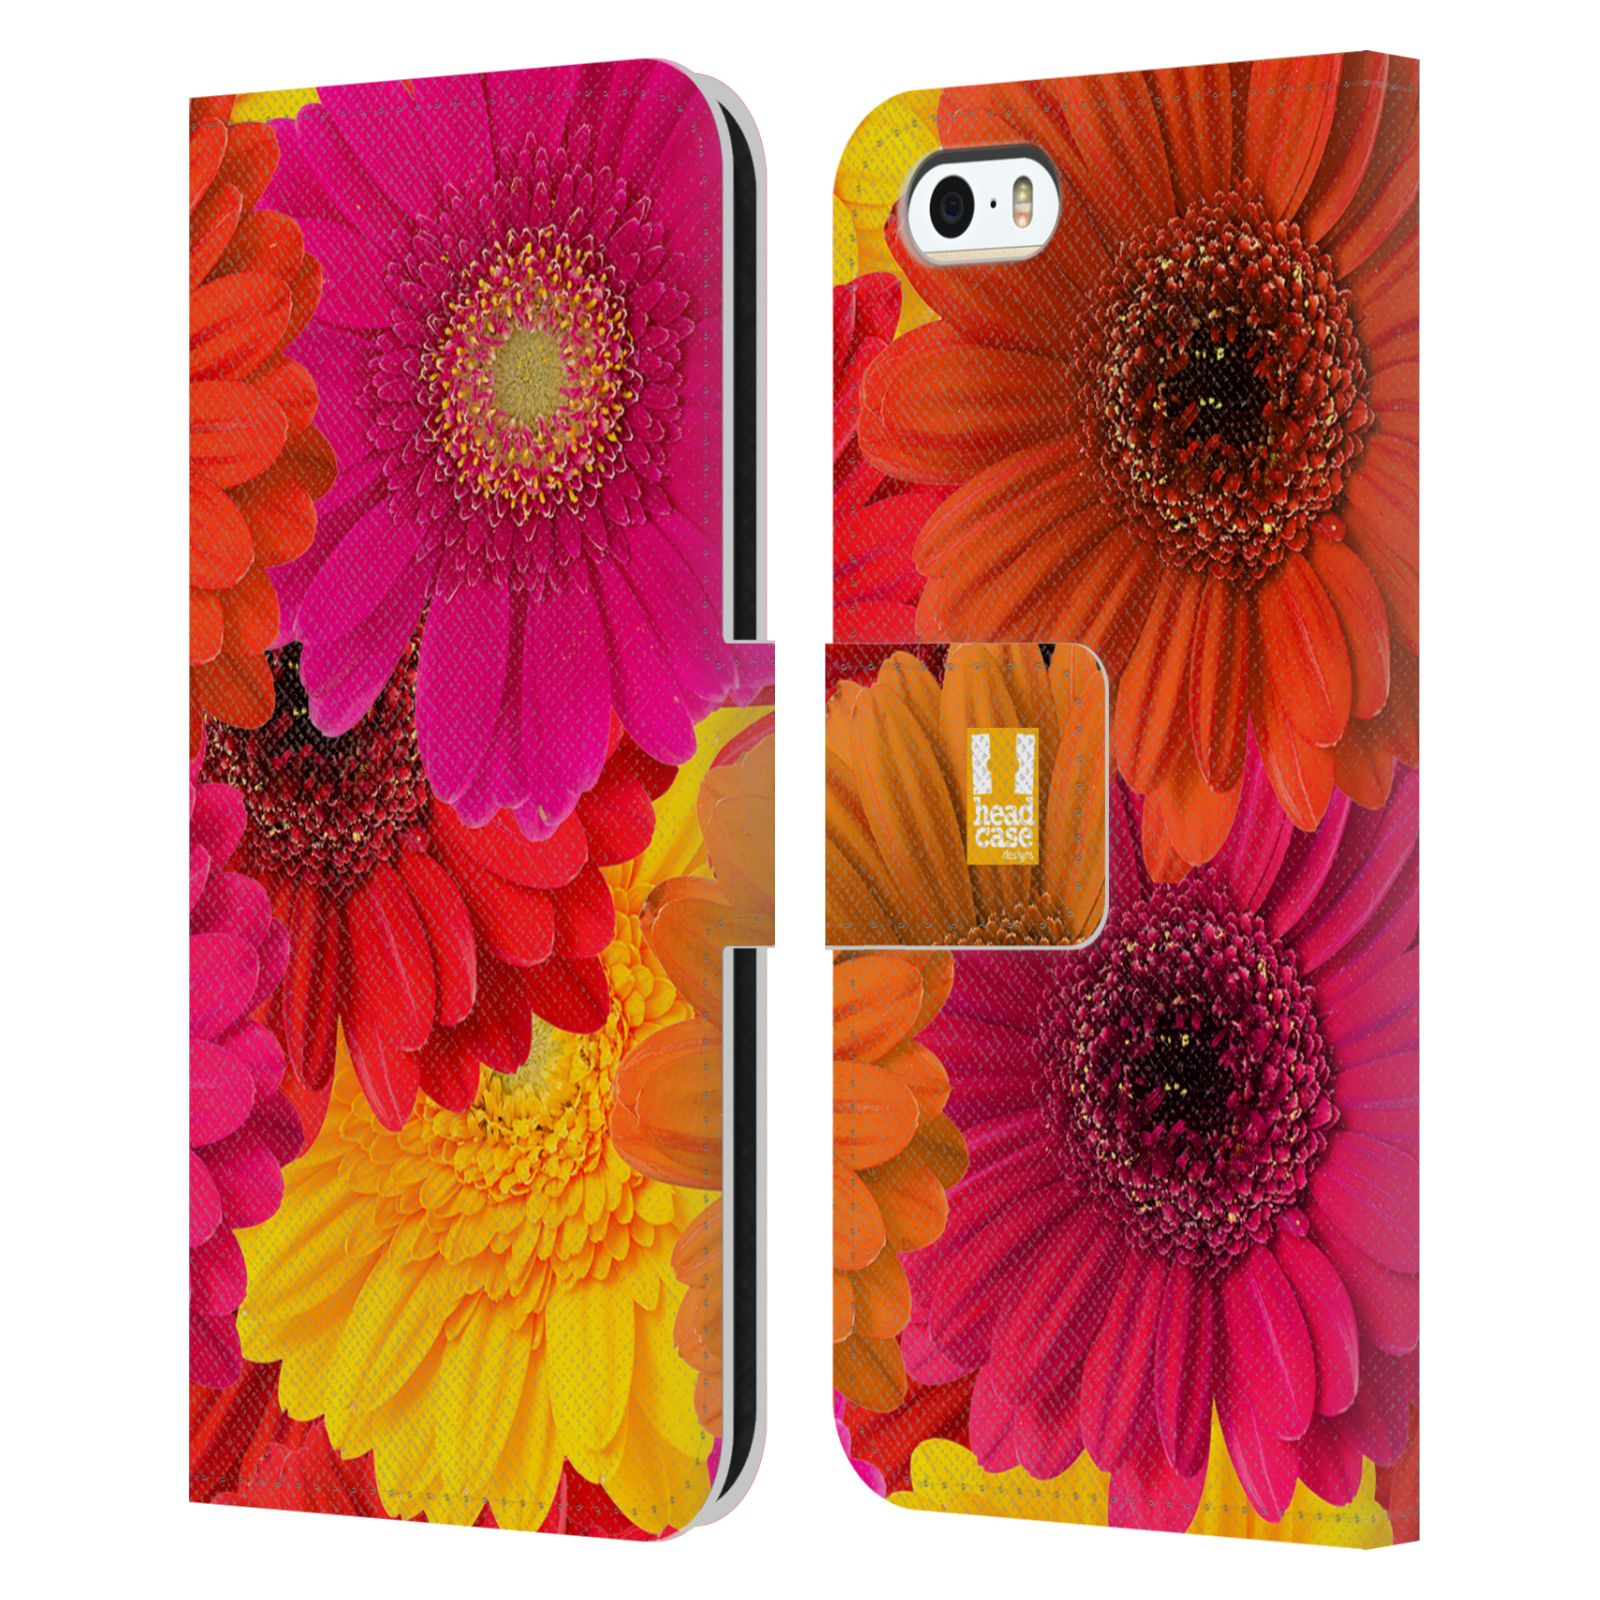 HEAD CASE Flipové pouzdro pro mobil Apple Iphone 5/5s květy foto fialová, oranžová GERBERA